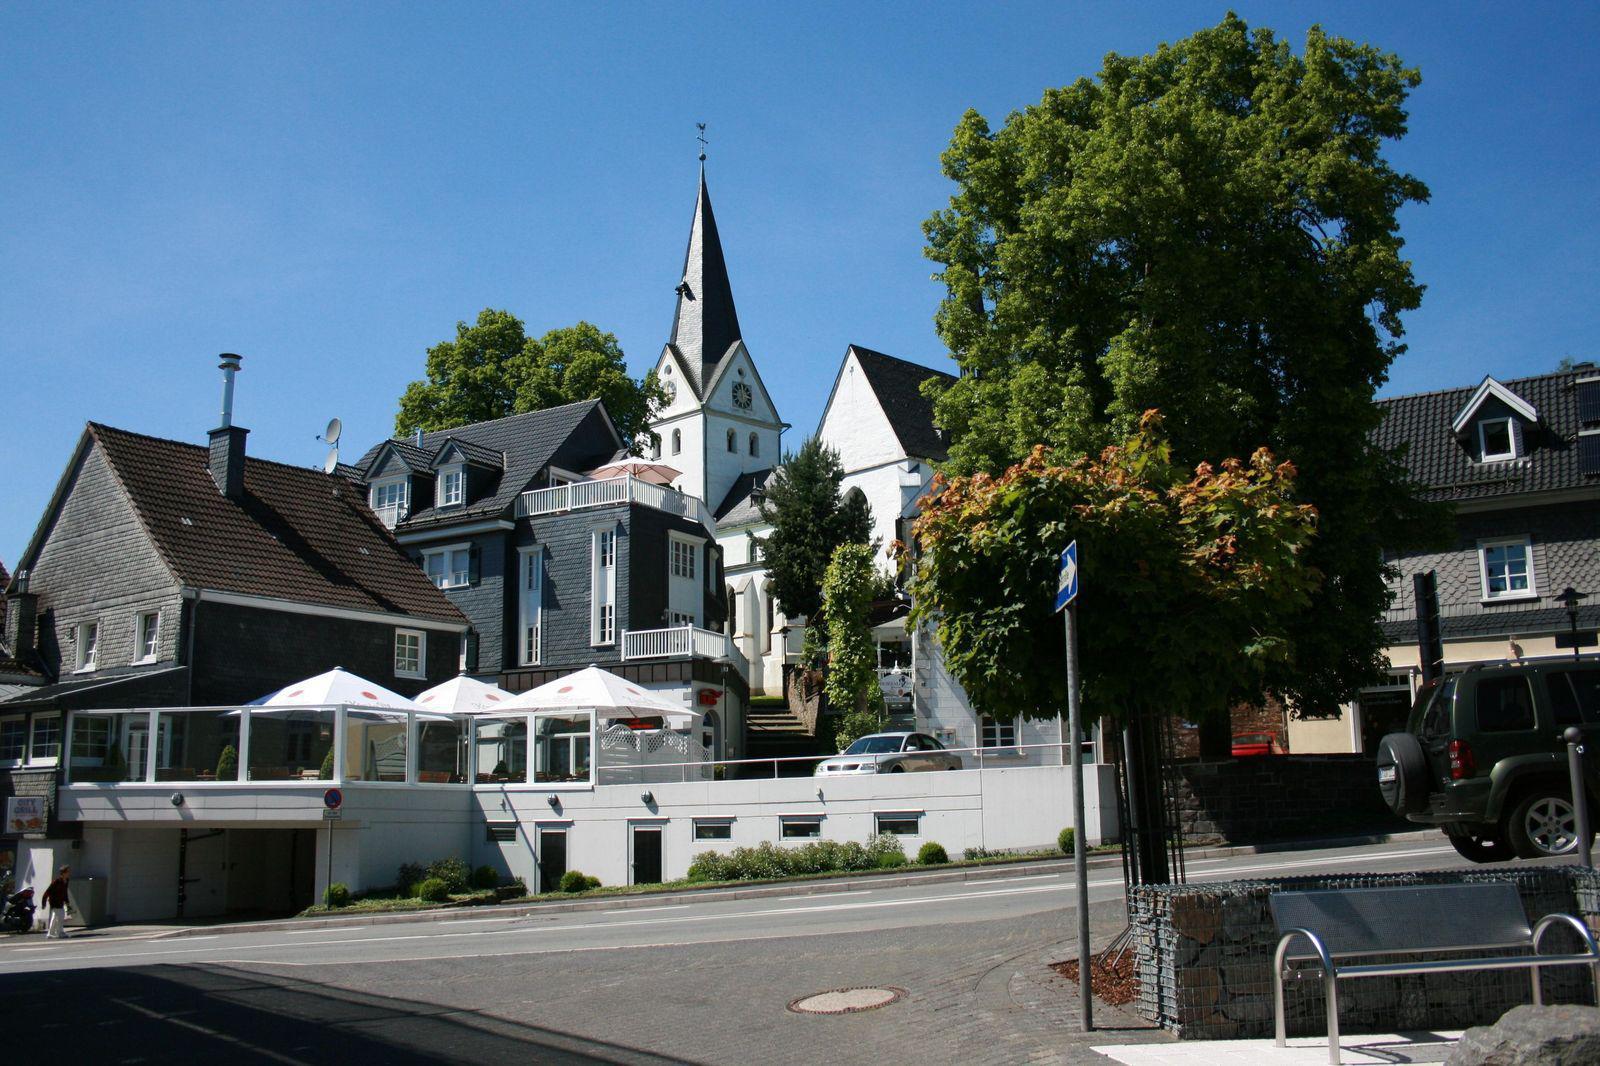 La Roche-sur-Yon France  city images : sur yon vendée 85 au cœur de la campagne vendéenne la roche sur yon ...